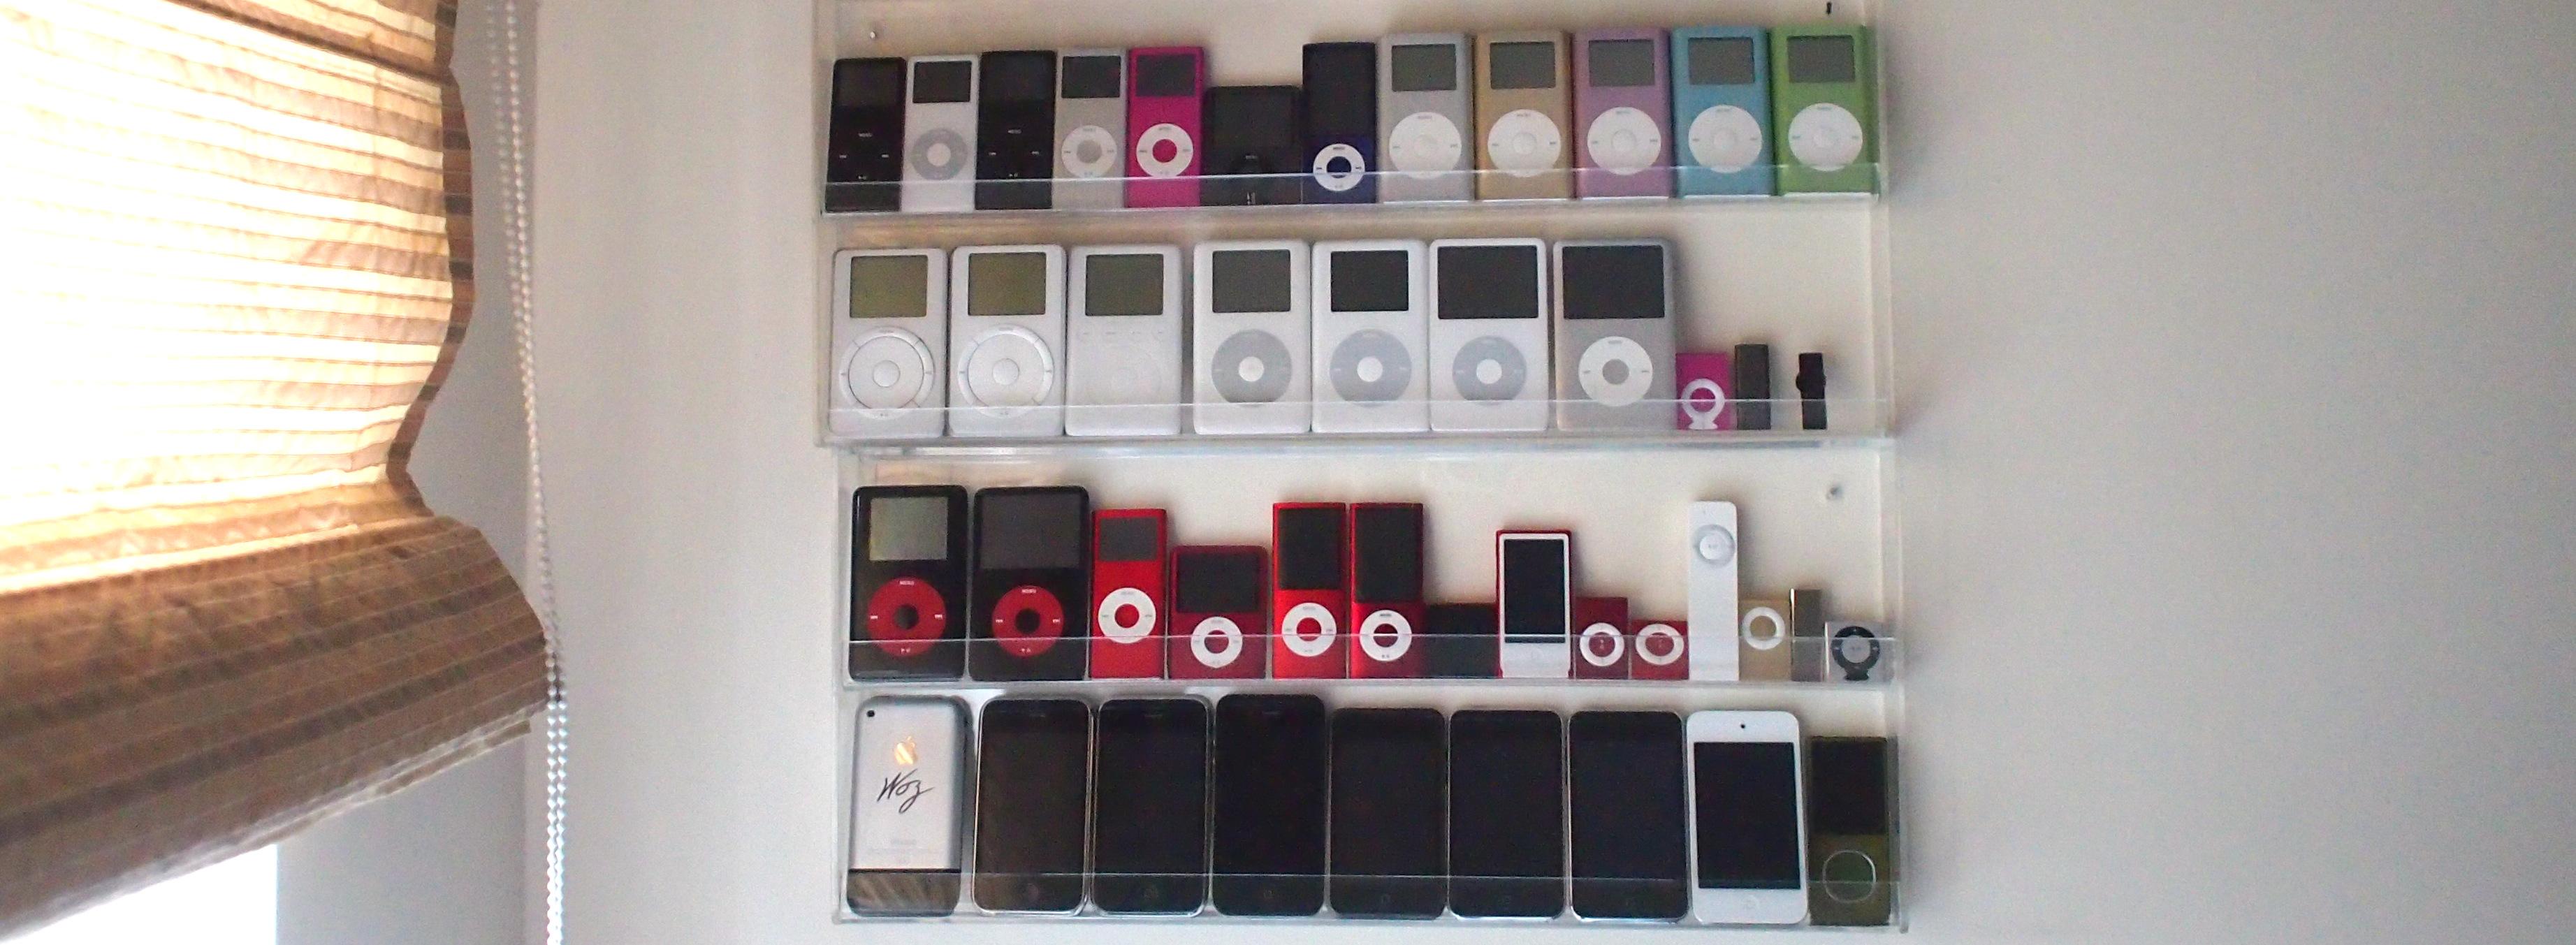 Tak - mam kolekcję iPodów